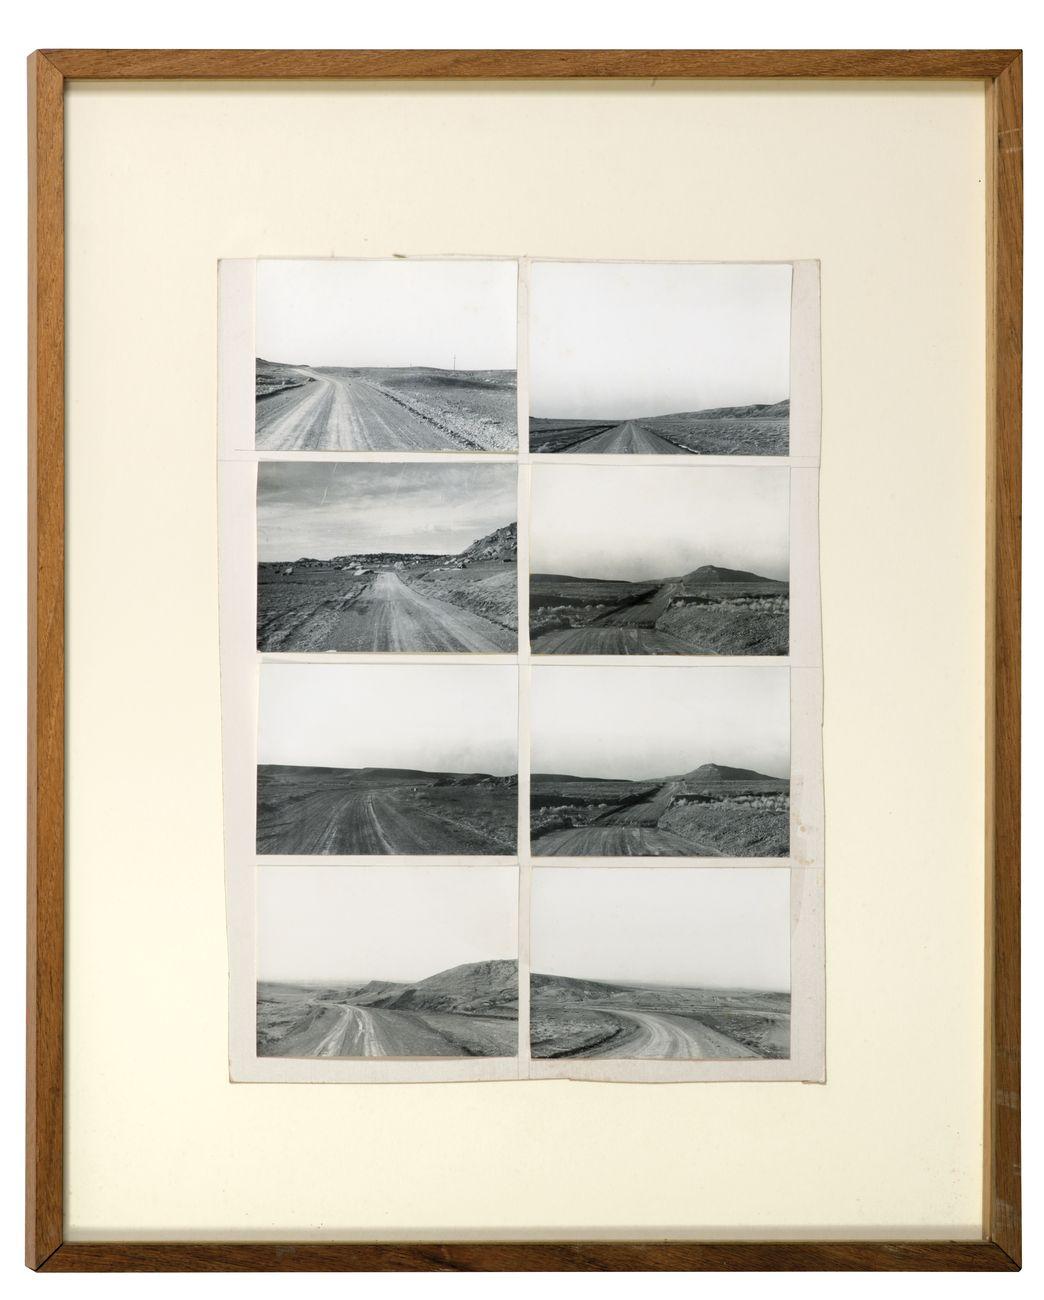 Gianni Pettena, About Non-Conscious Architecture, 1972-73. 8 stampe fotografiche su cartoncino vintage. Esemplare unico